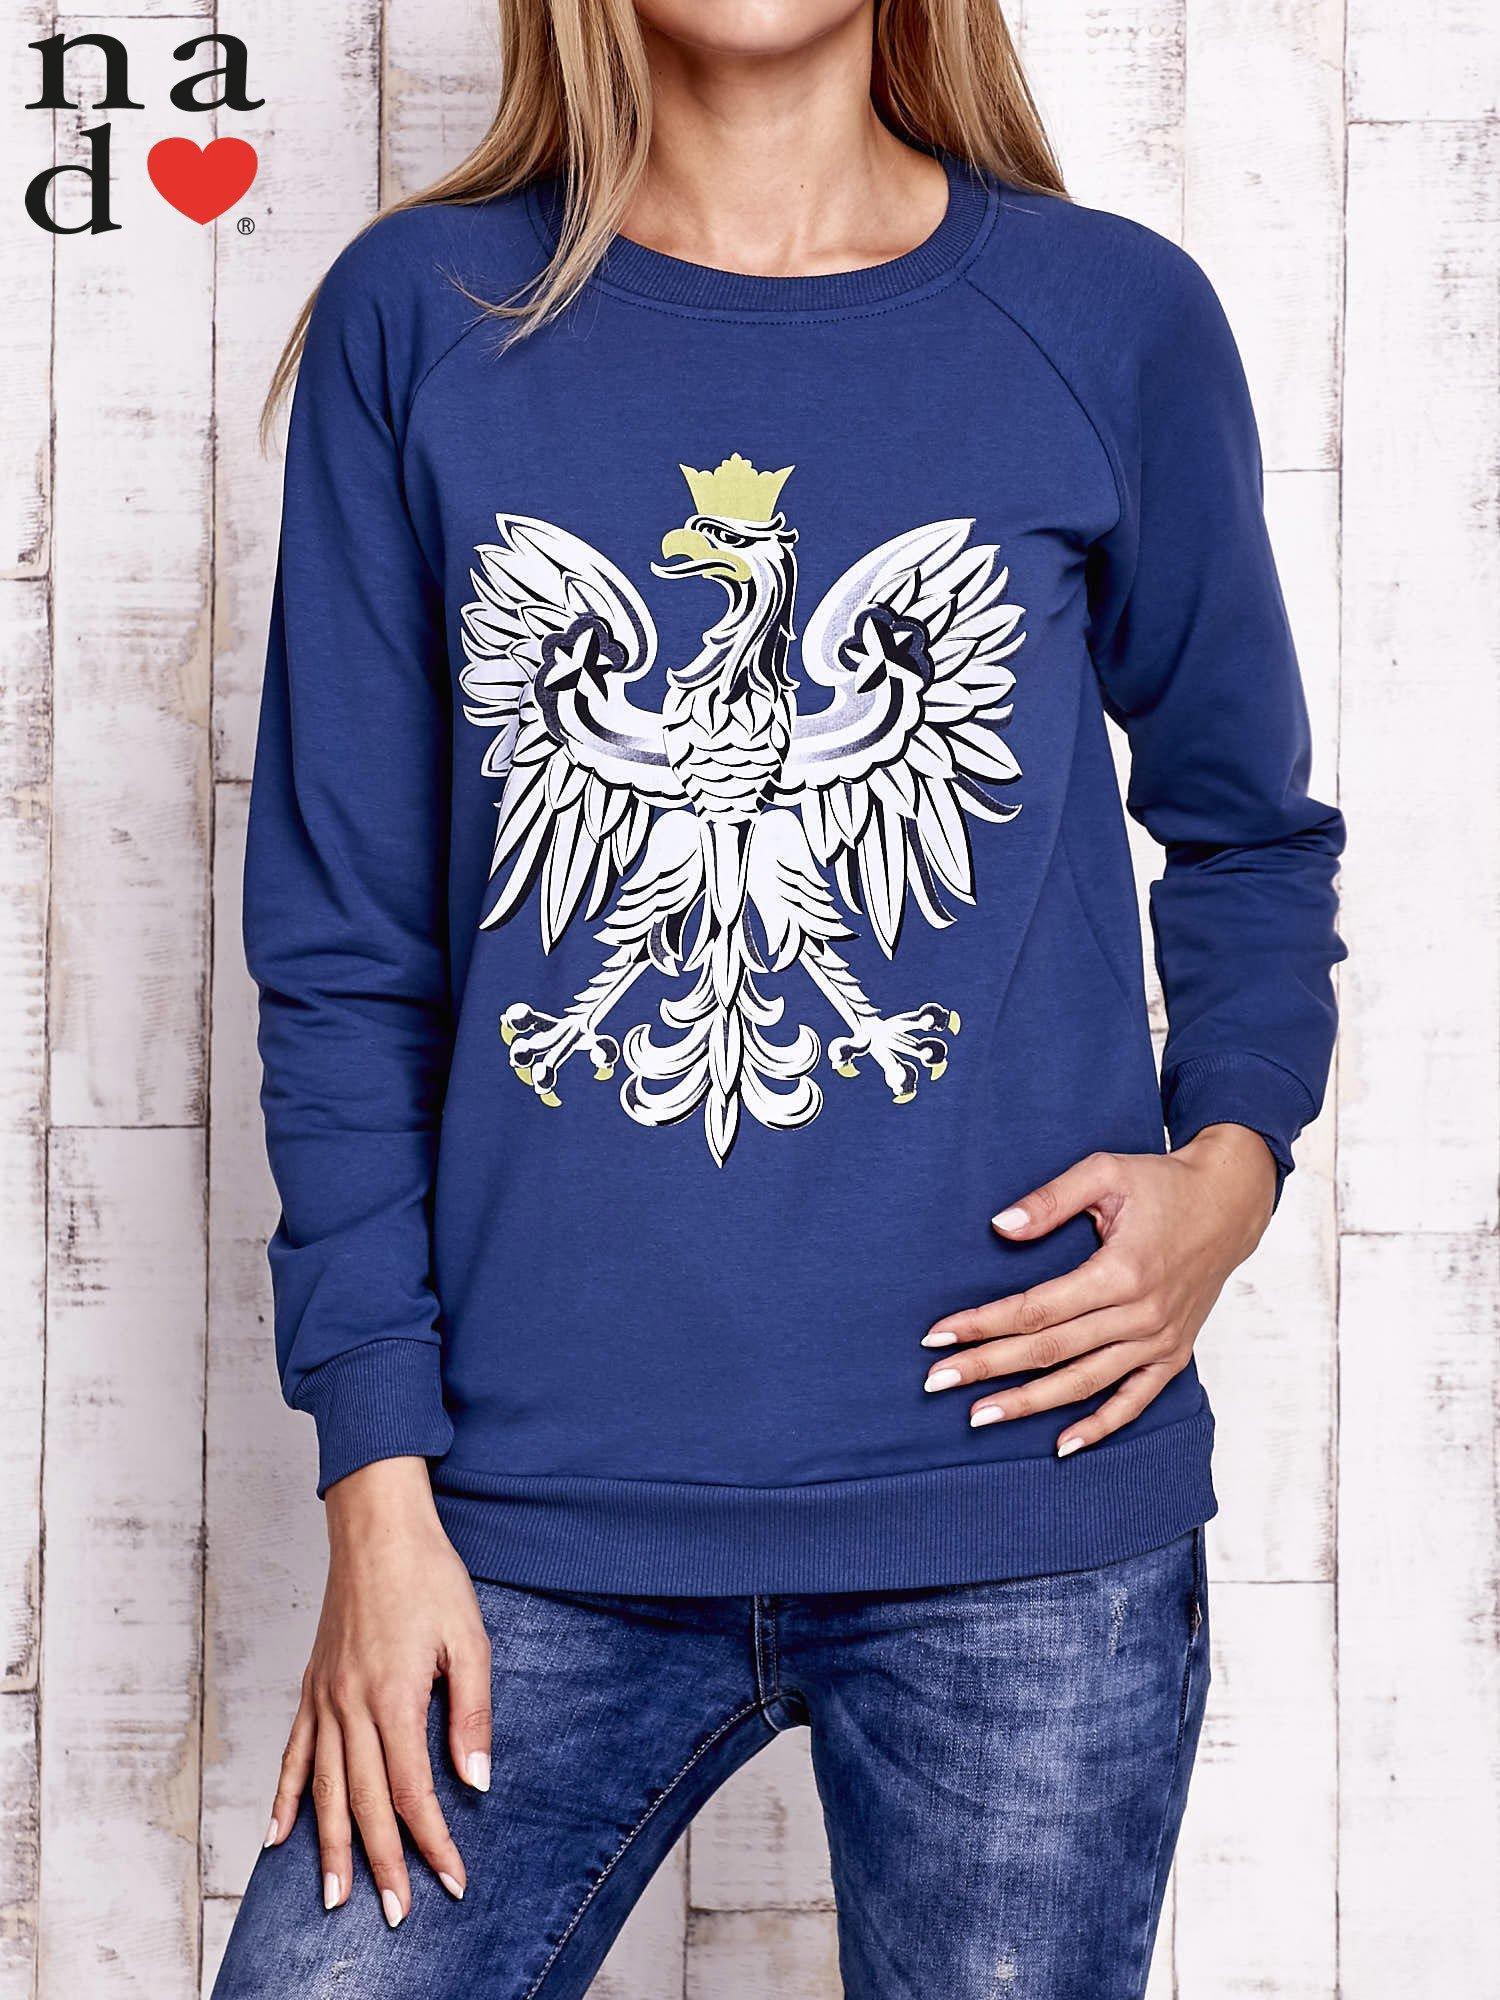 Ciemnoniebieska bluza z godłem                                  zdj.                                  1